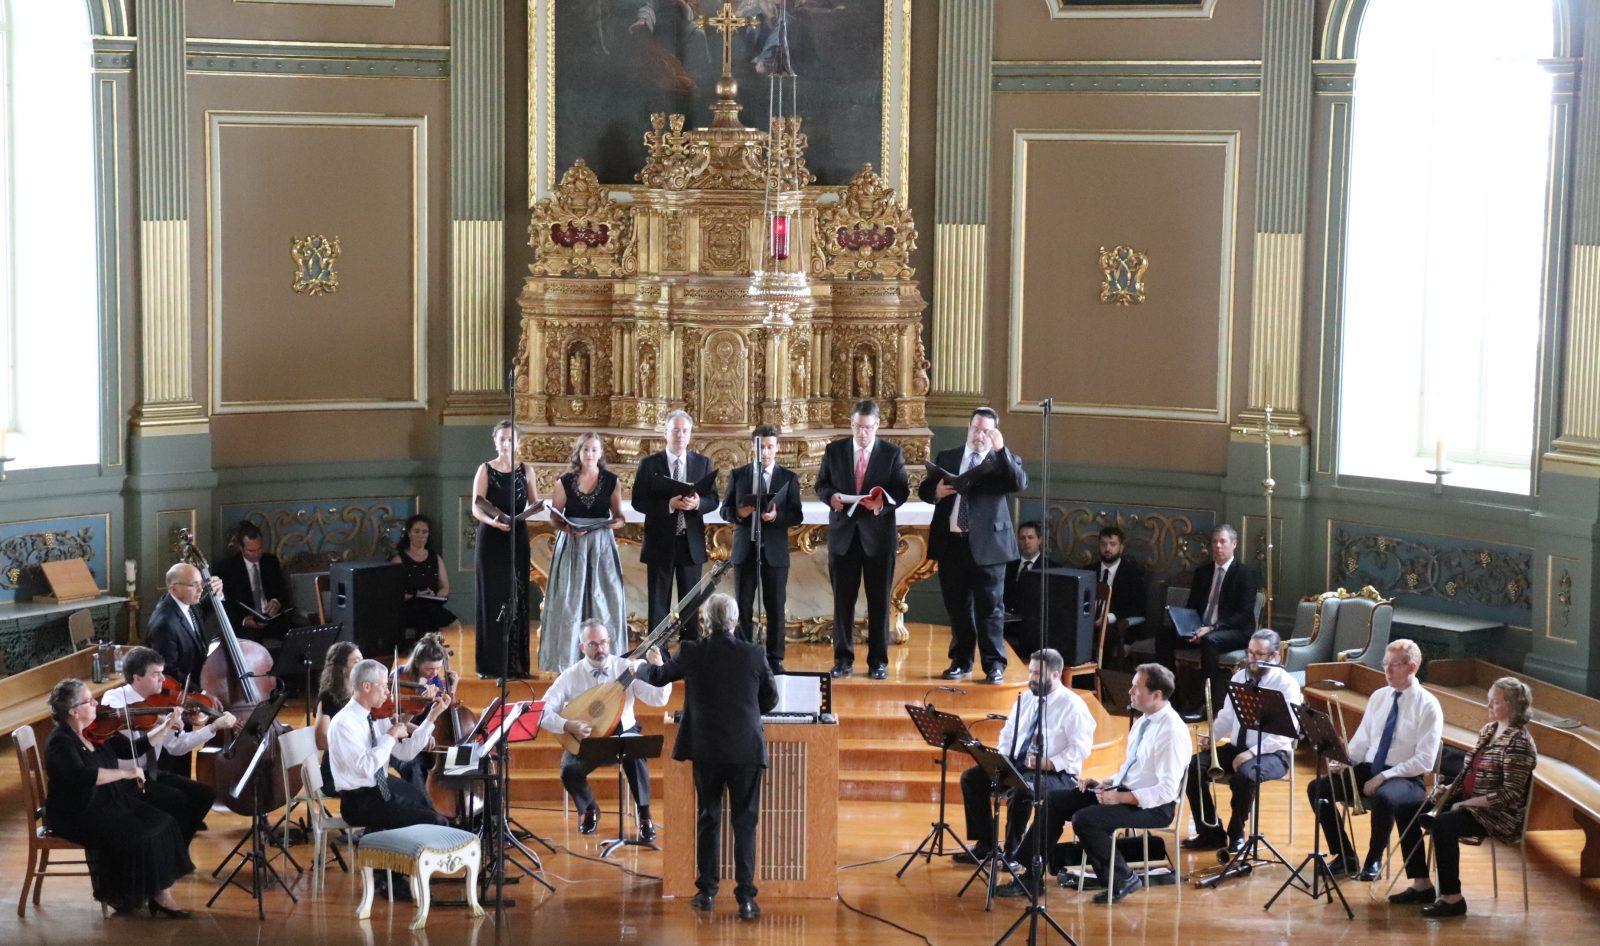 Les Vêpres de la Vierge de Monteverdi; un concert exceptionnel à l'église Sainte-Famille